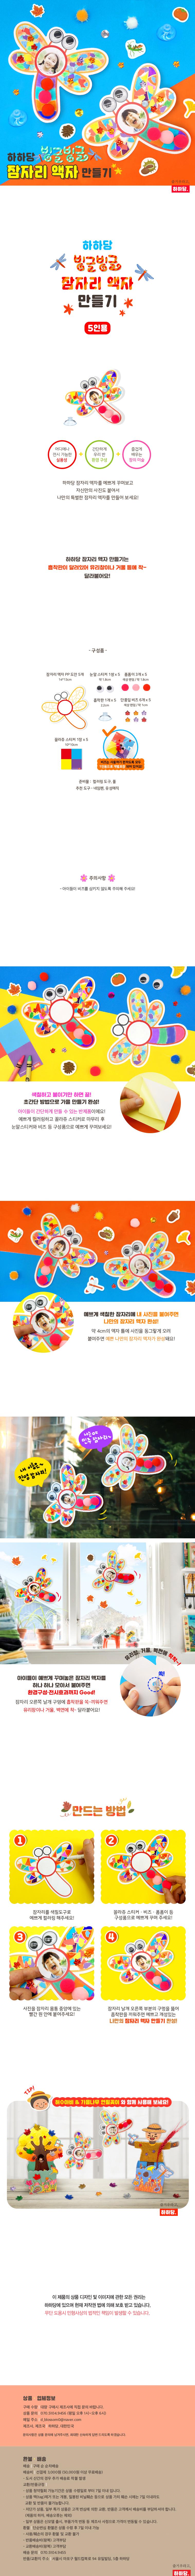 빙글빙글 잠자리 액자 5set - 하하당, 5,000원, DIY그리기, 캐릭터 그리기